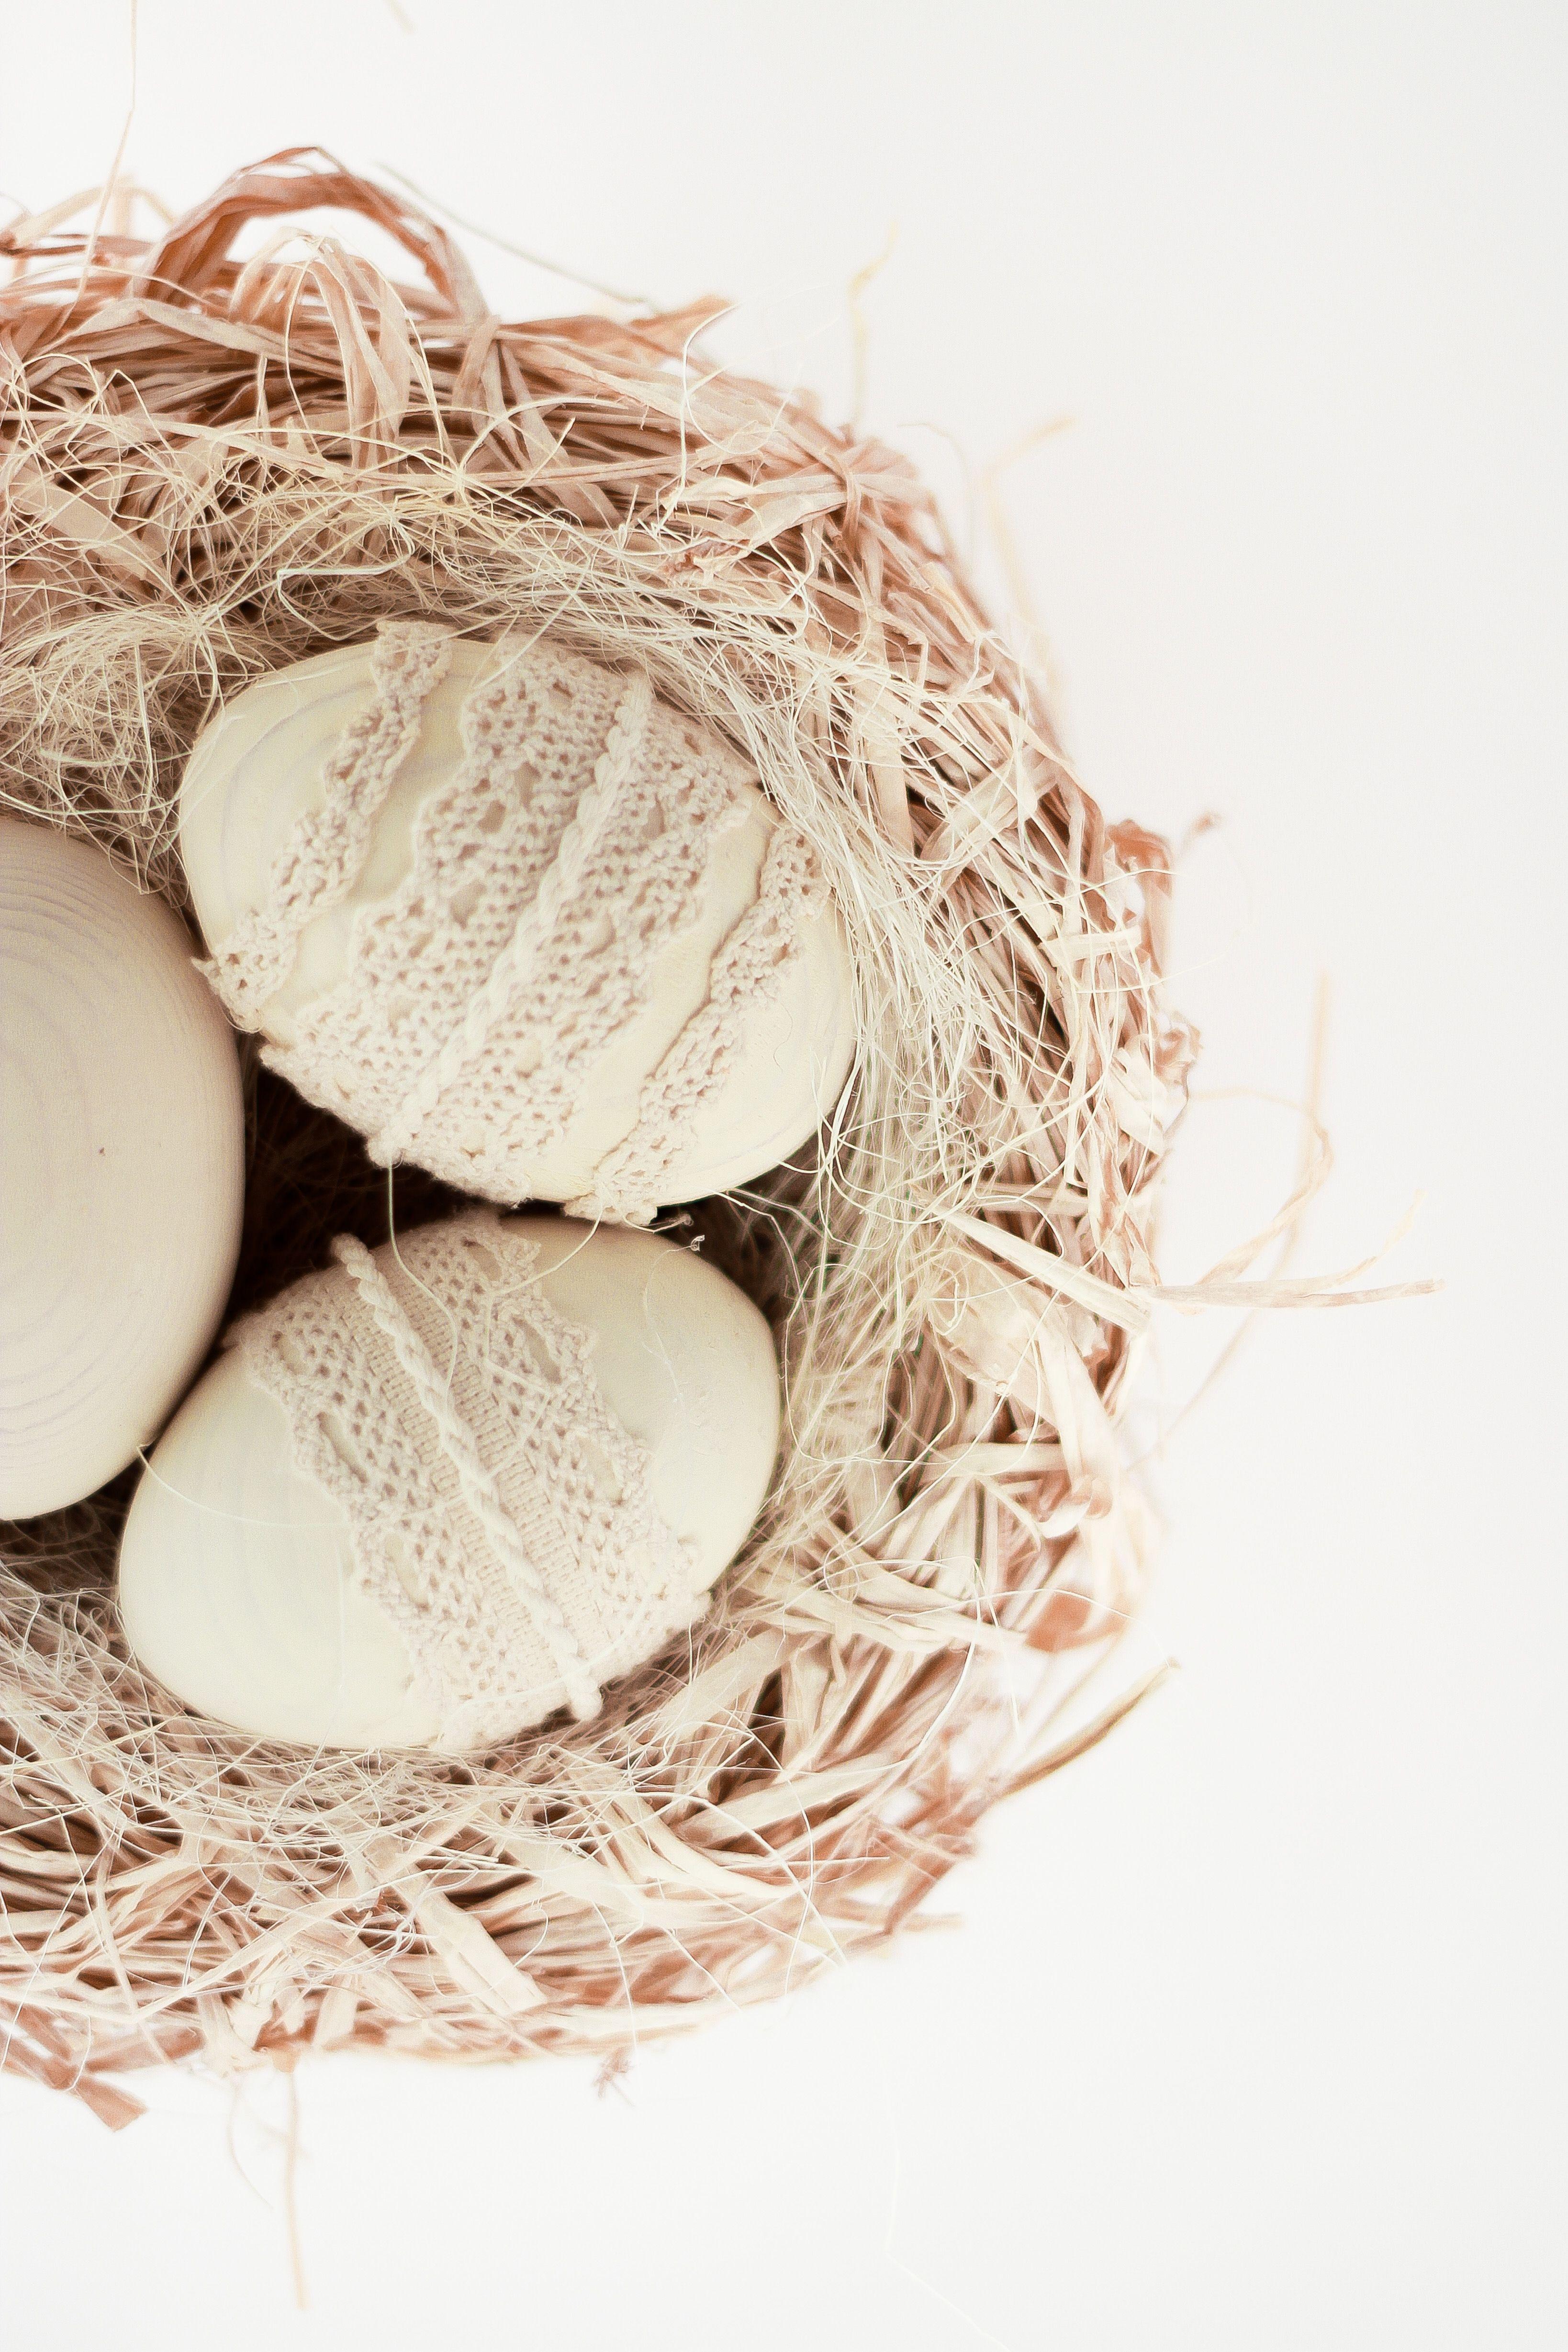 Easter eggs door hanger bird nest with three easter eggs cottage easter eggs door hanger bird nest with three easter eggs cottage chic decor negle Images